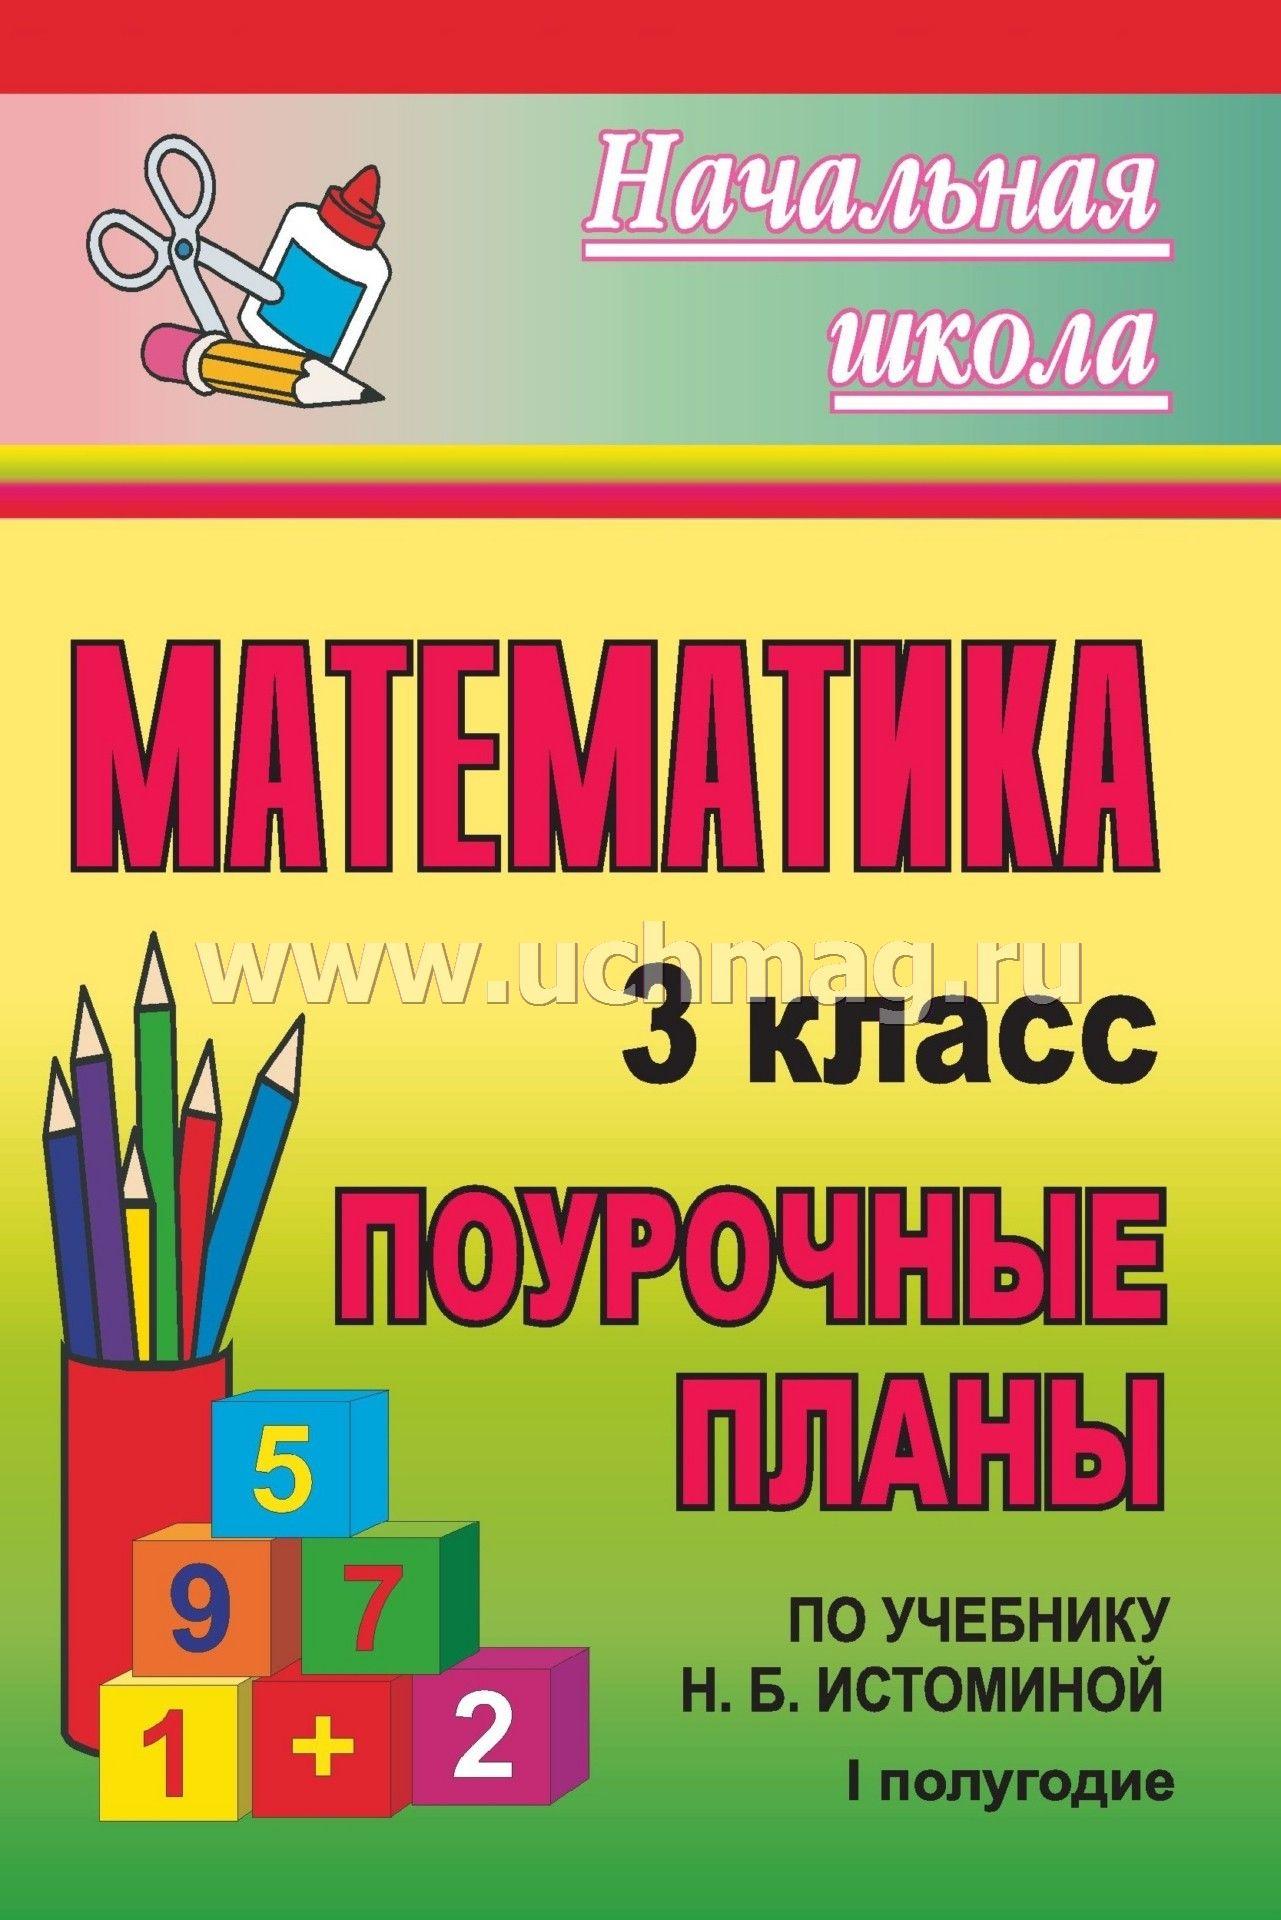 Математика 3 класс сборник заданий скачать бесплатно